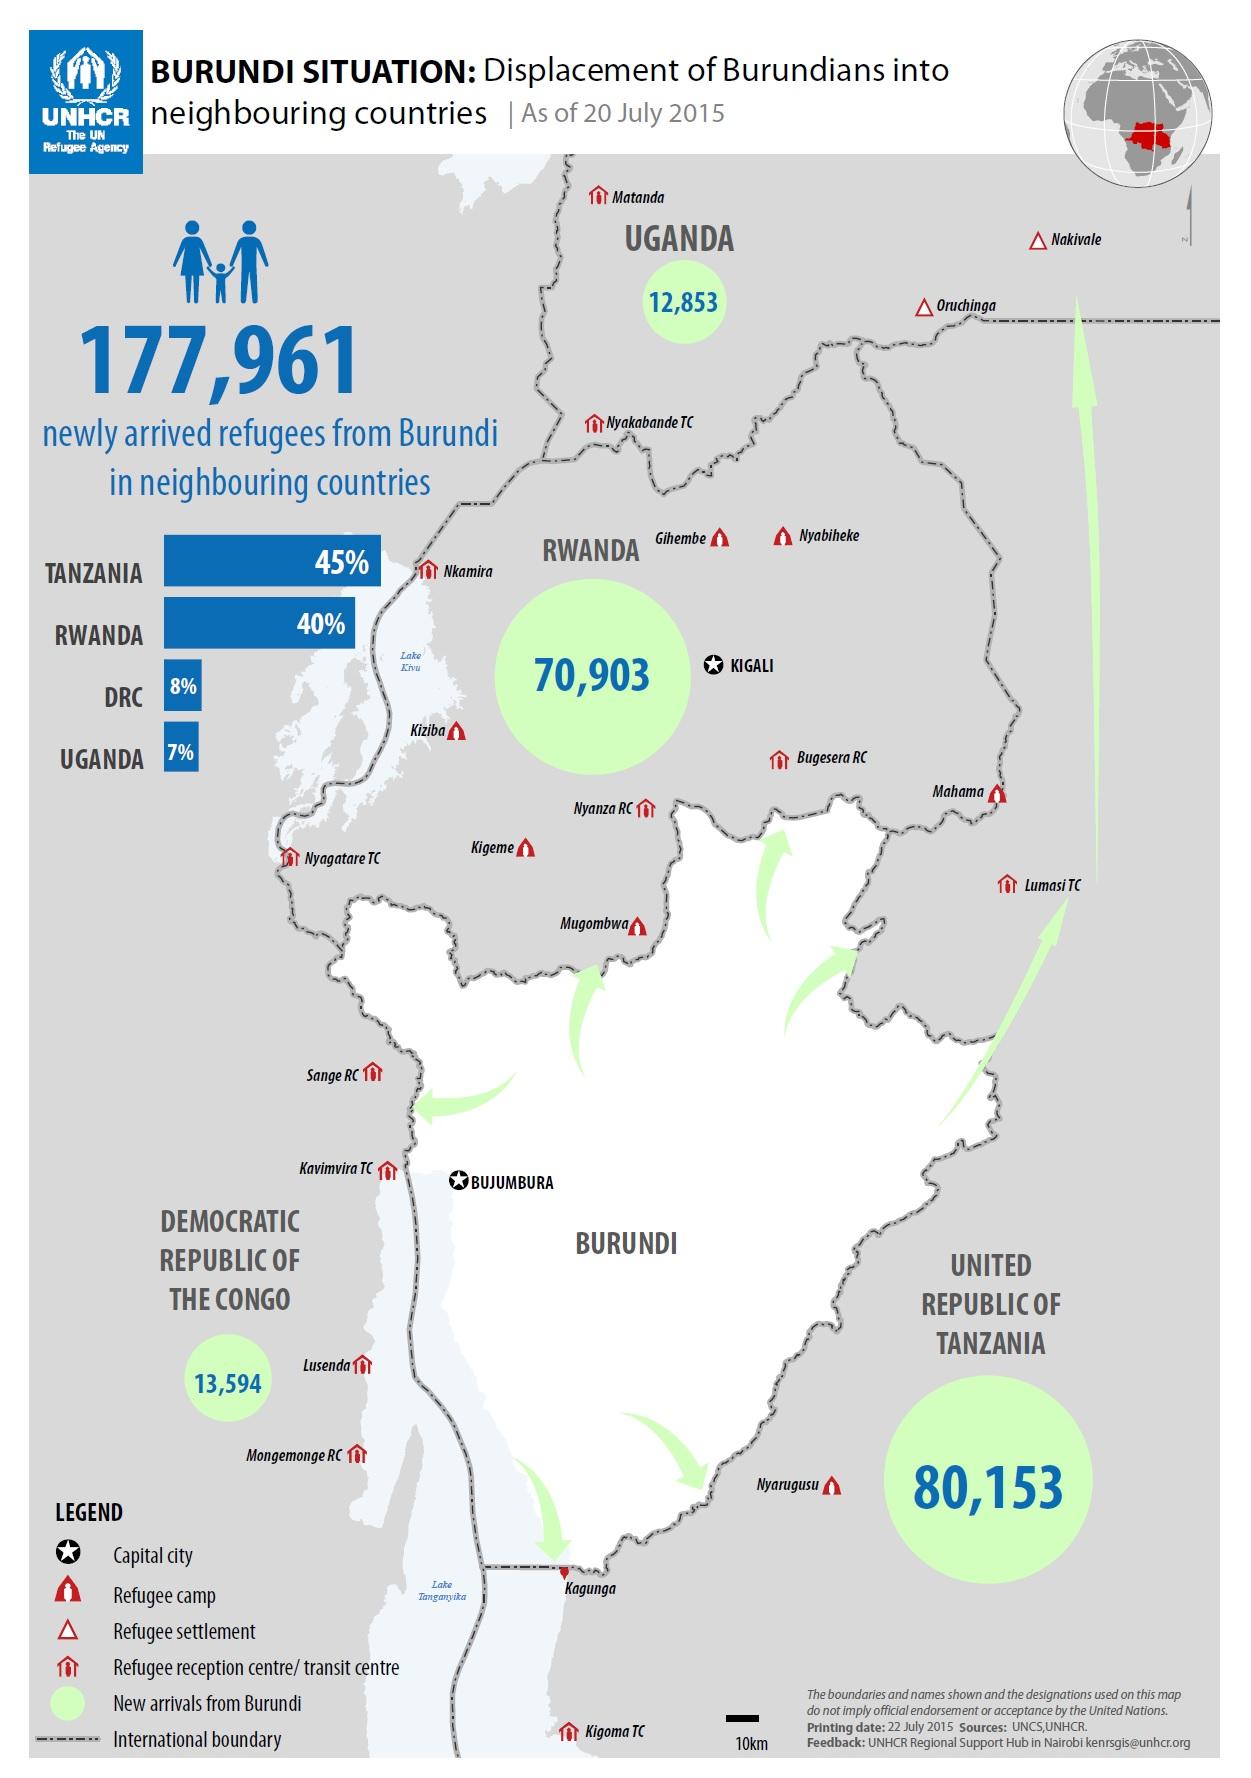 Burundirefugeejuly